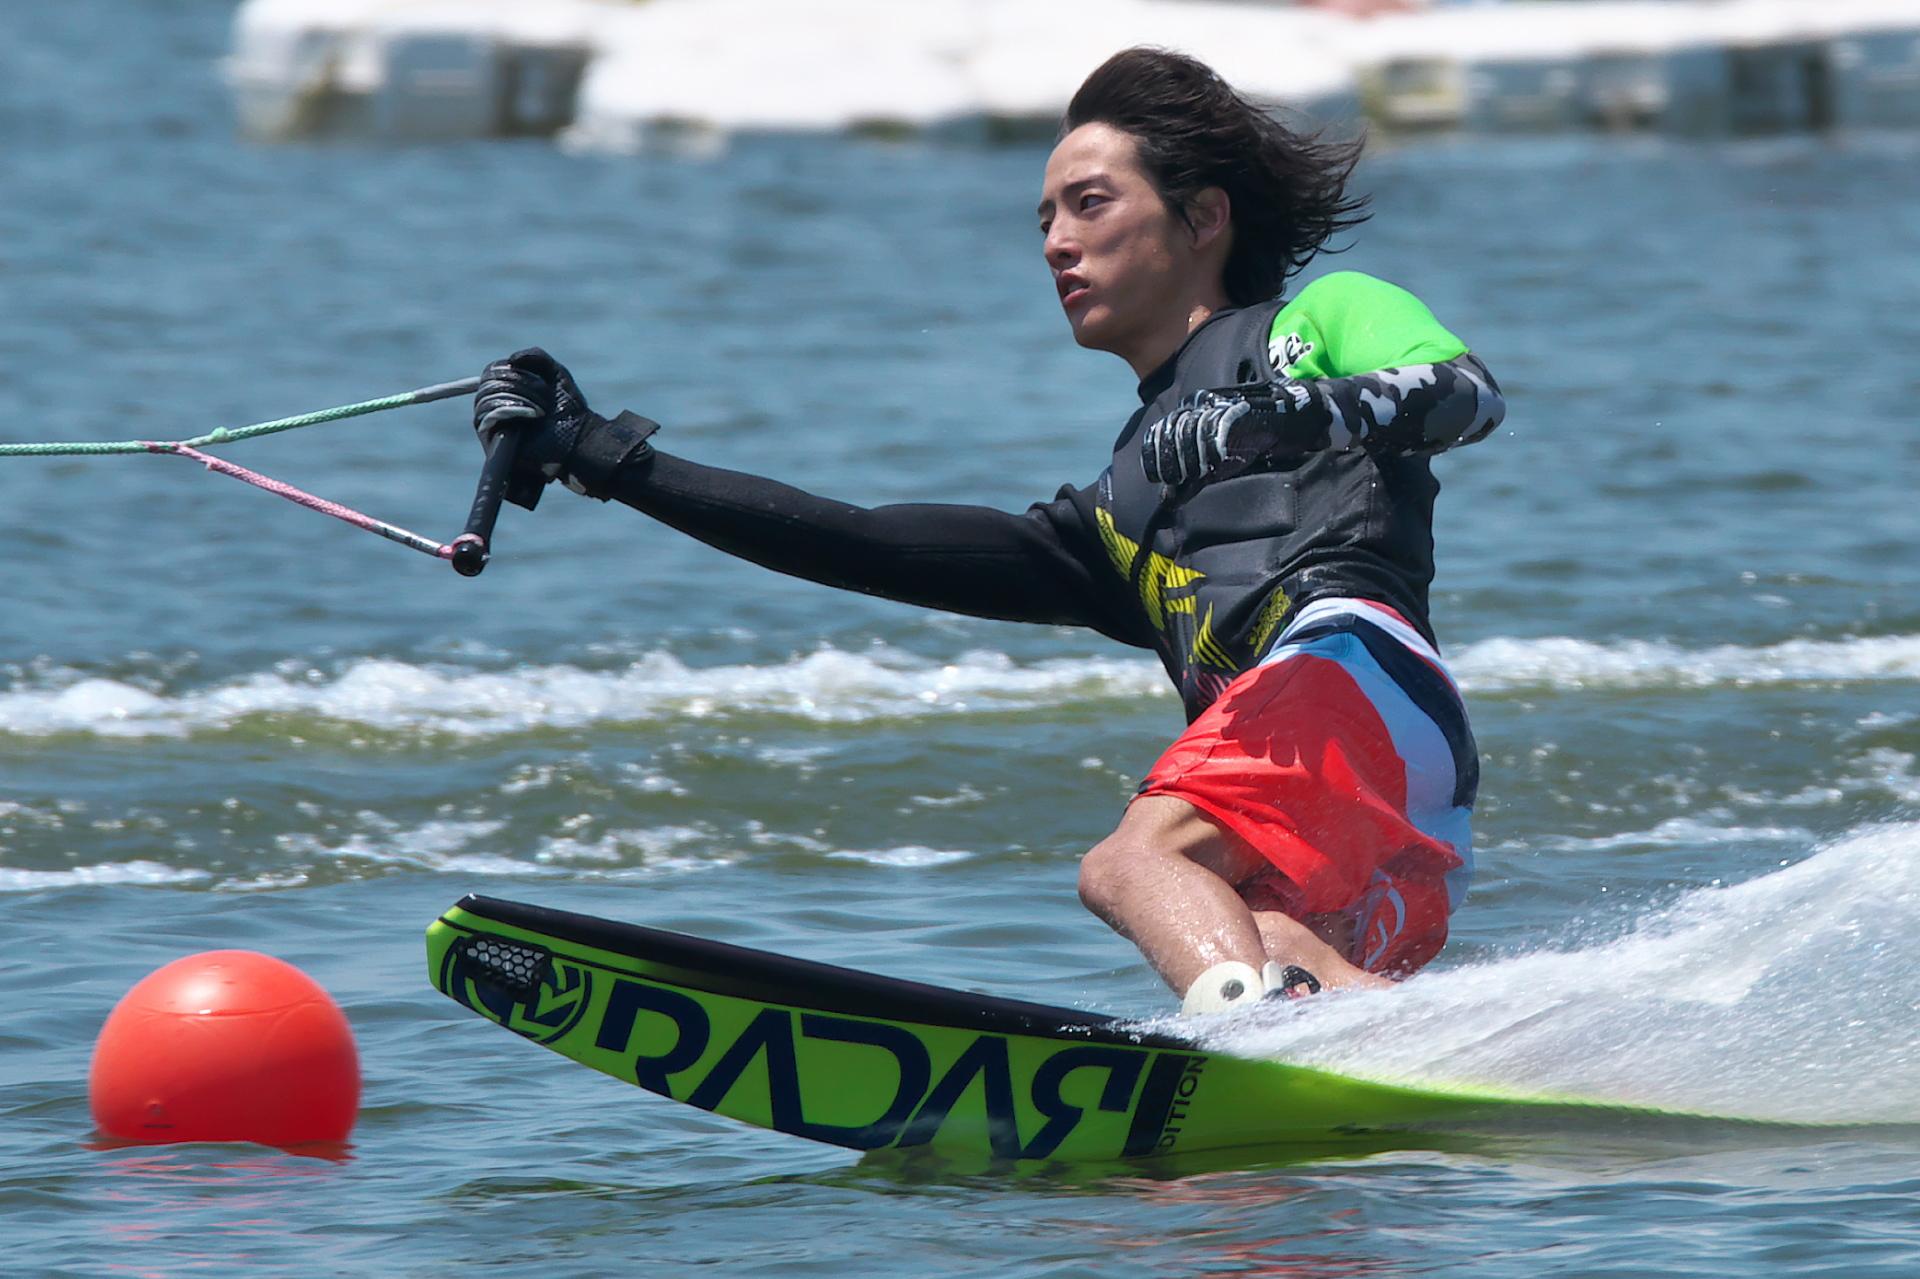 長友洸選手(明4)2017CS1 M's Slalom 2nd